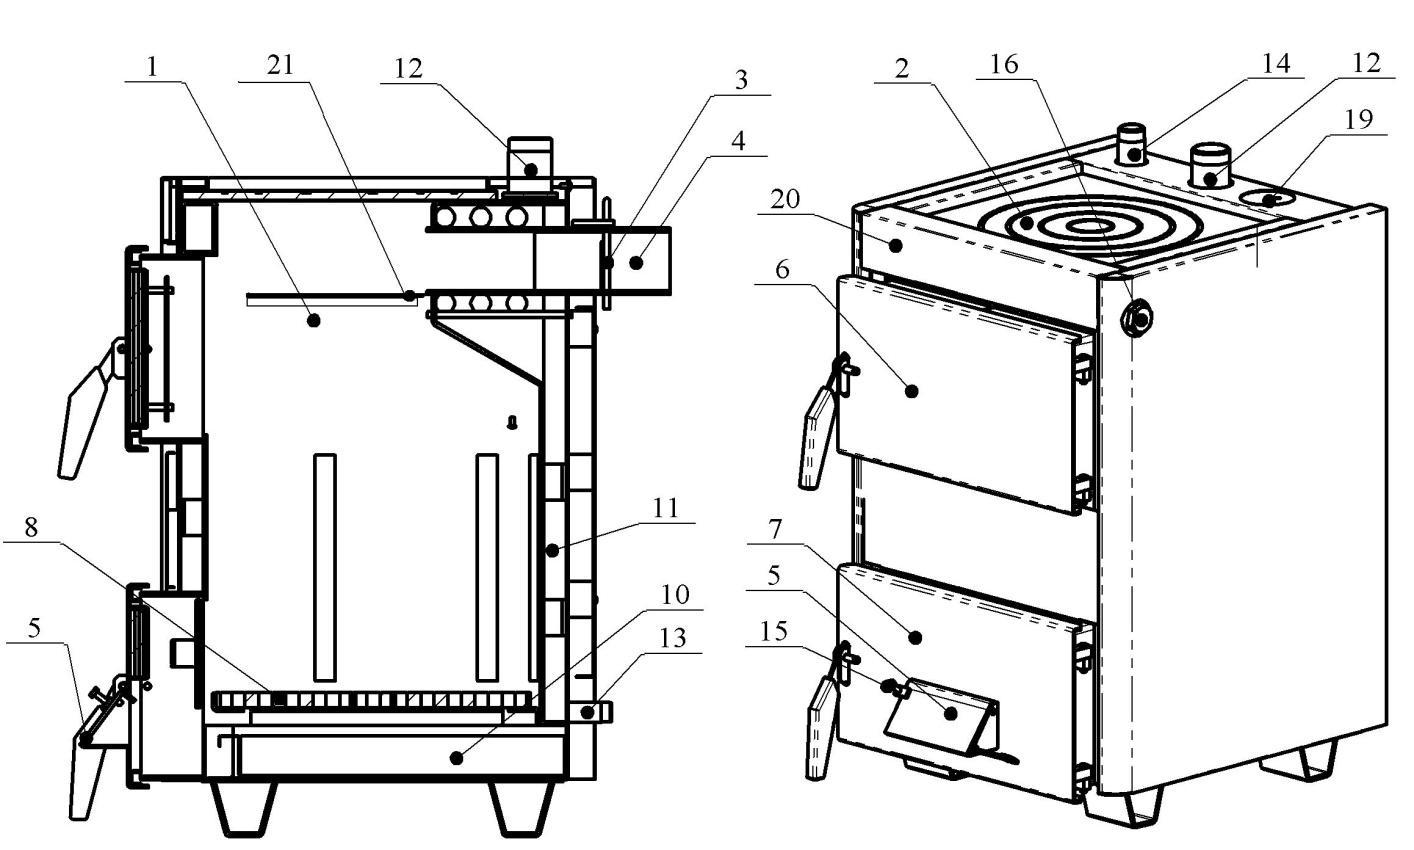 Теплообменник газового котла проскуров каталог грунтовый теплообменник